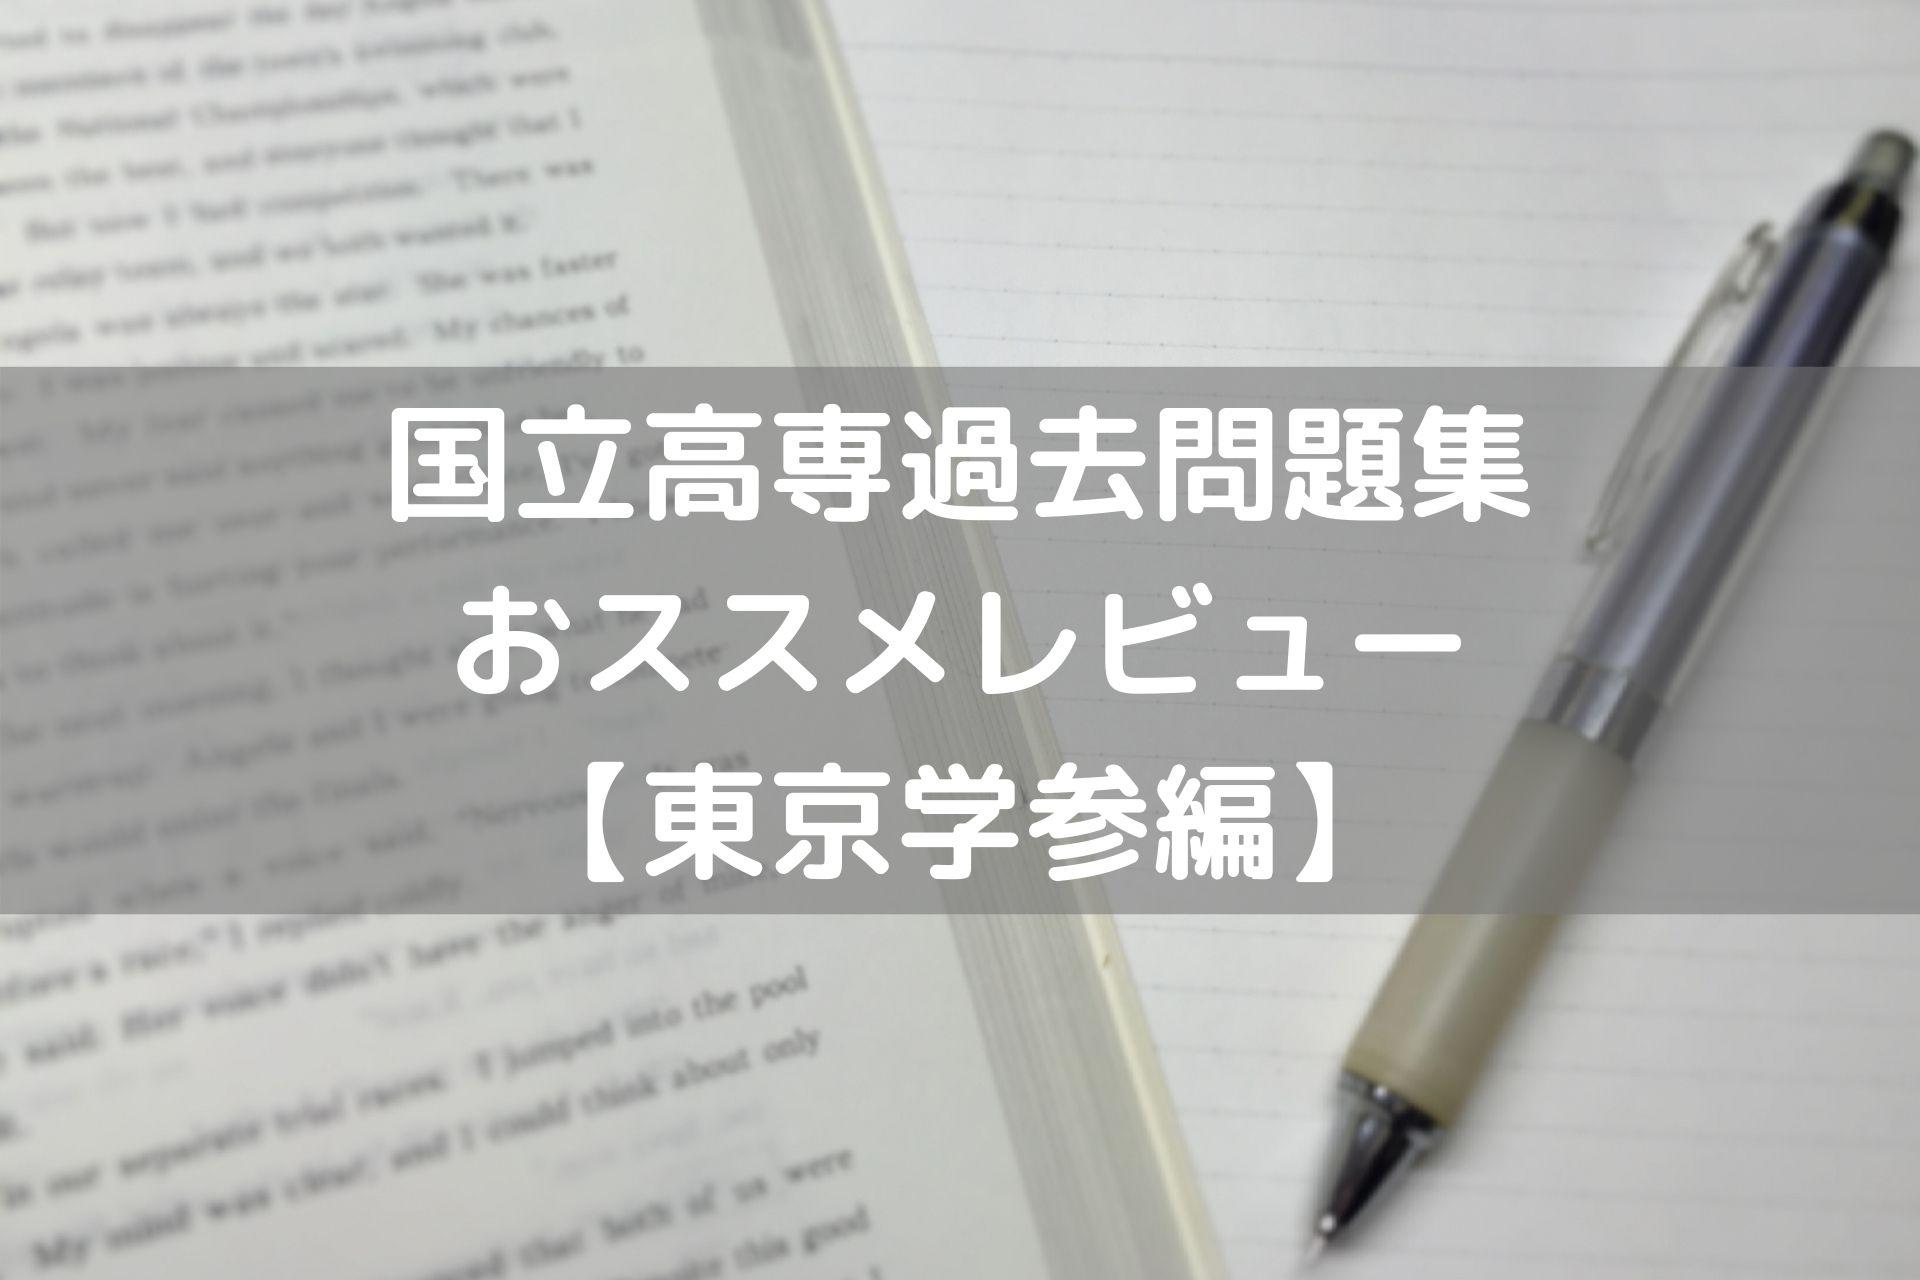 おススメの国立高専過去問題集のレビュー【東京学参編】